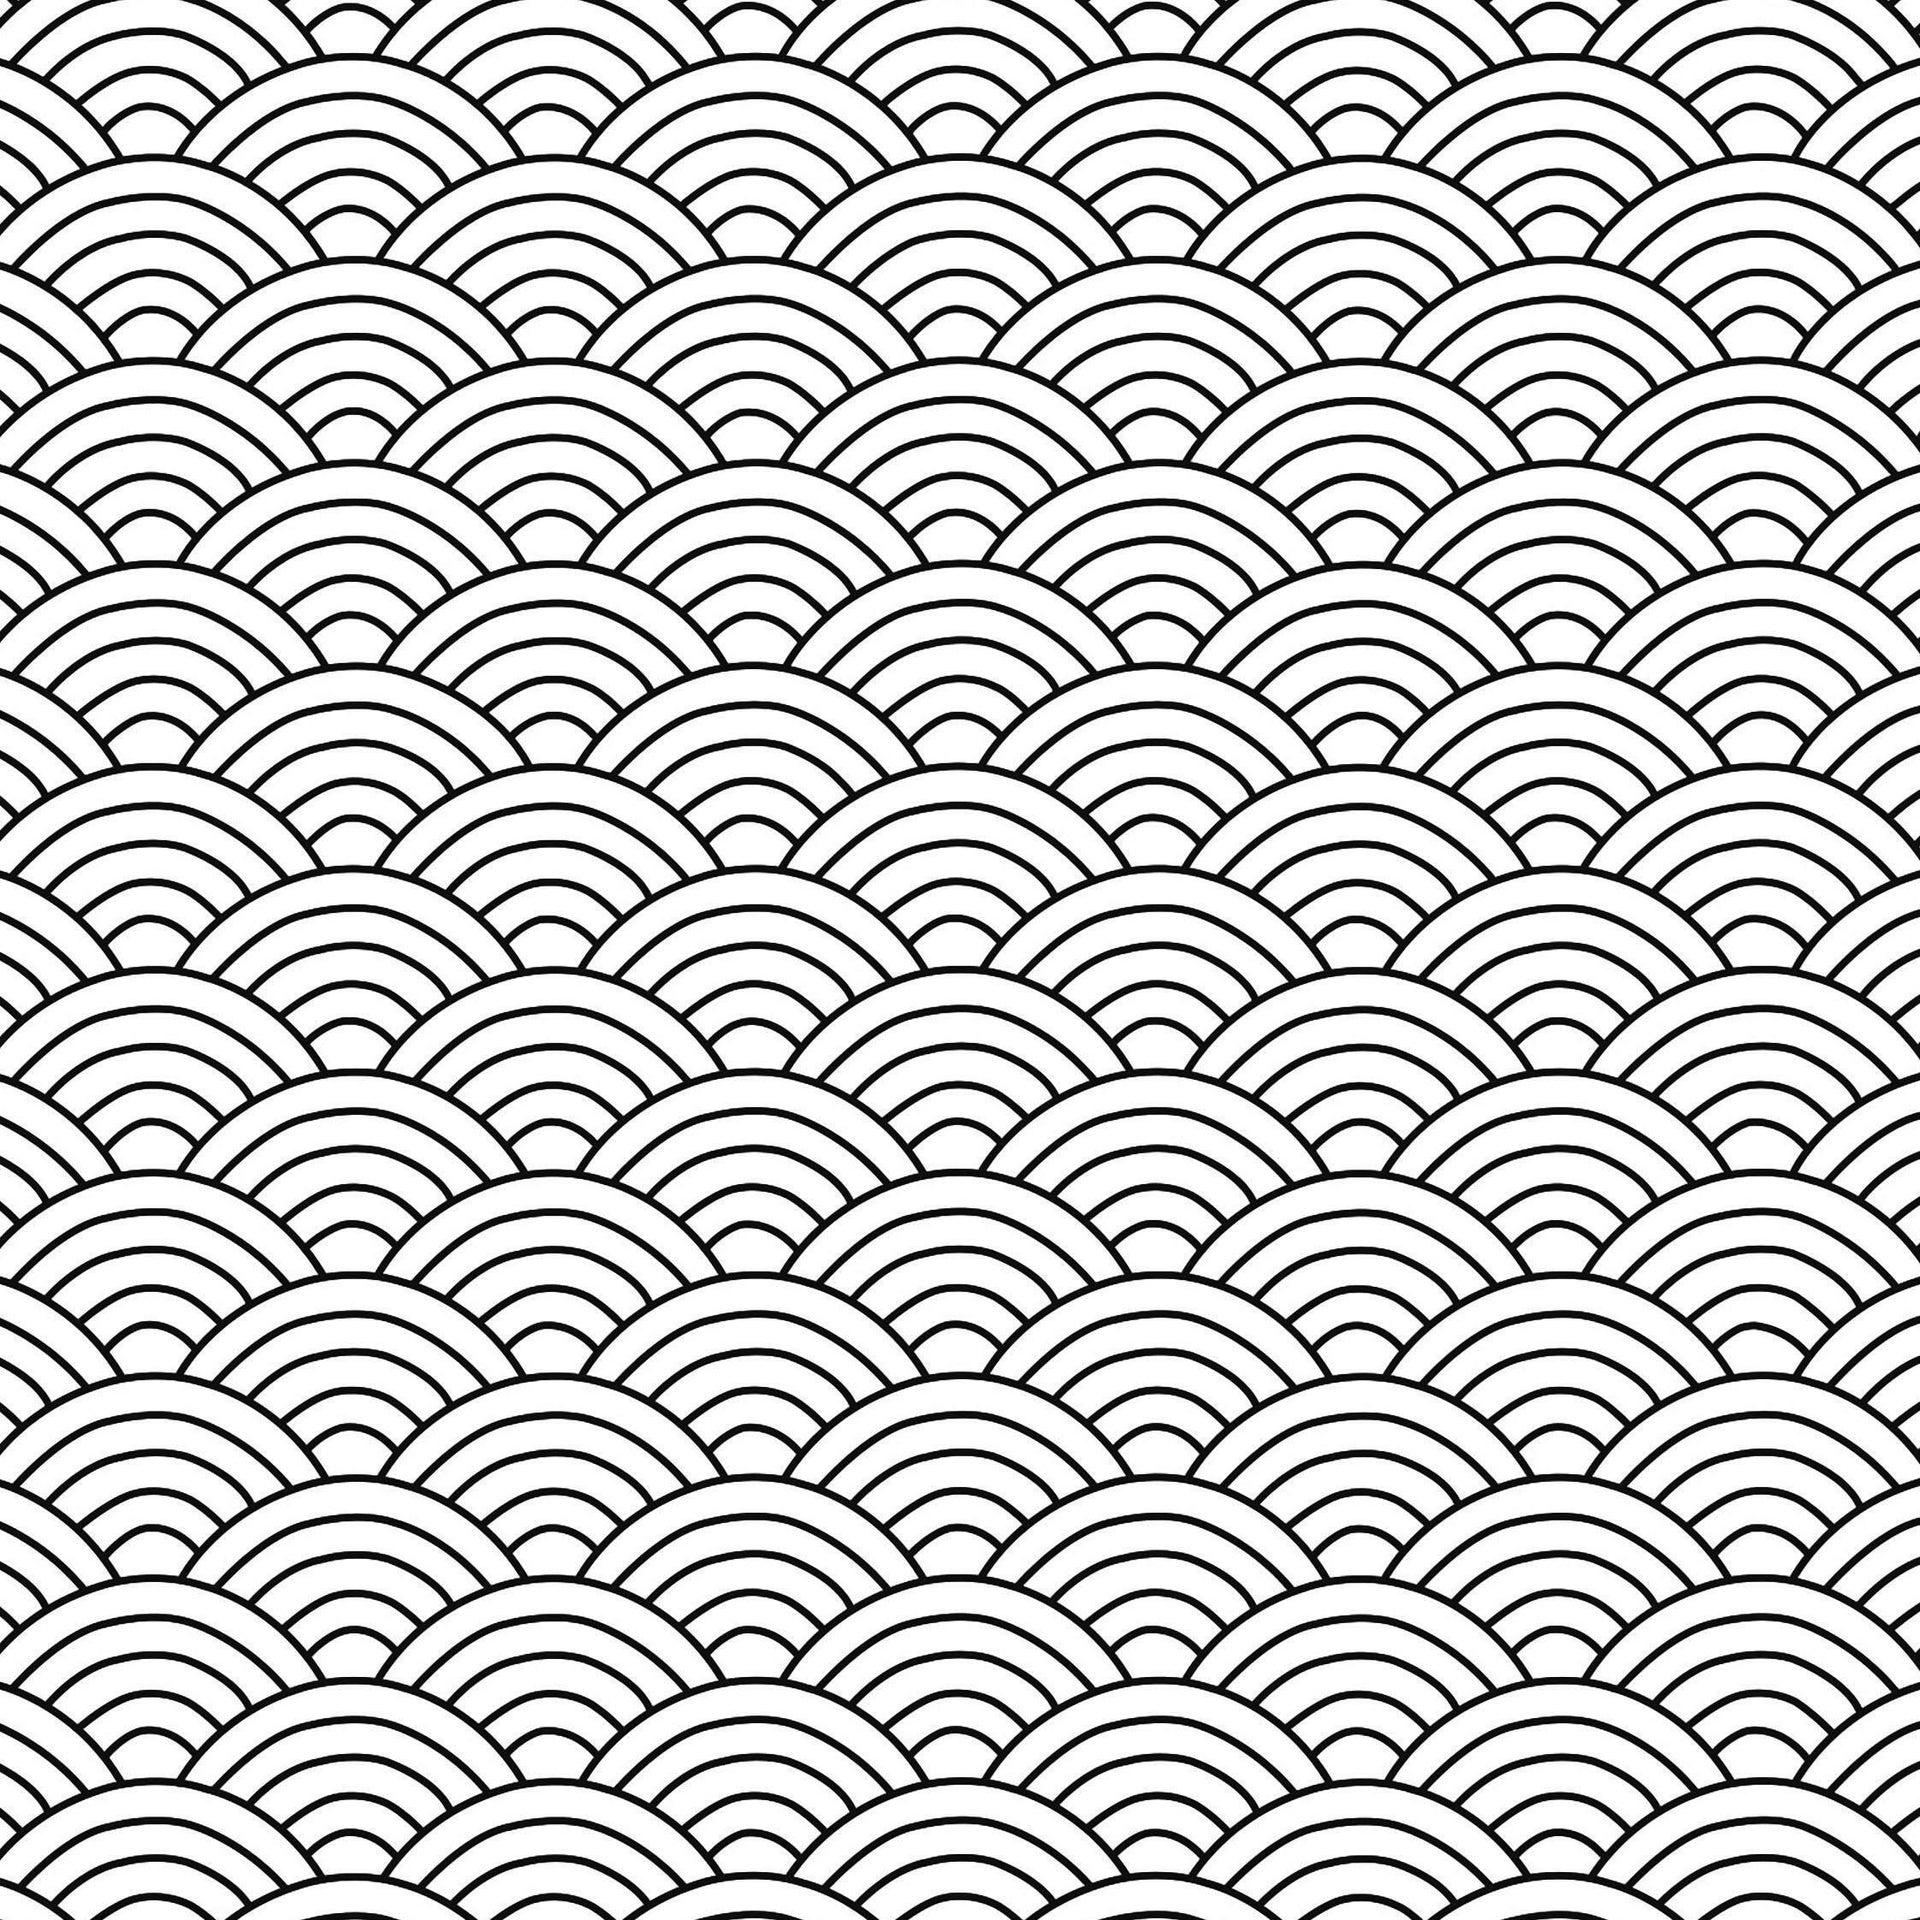 Piastrella decorativa Astuce 20 x 20 cm sp. 6.5 mm bianco - 2